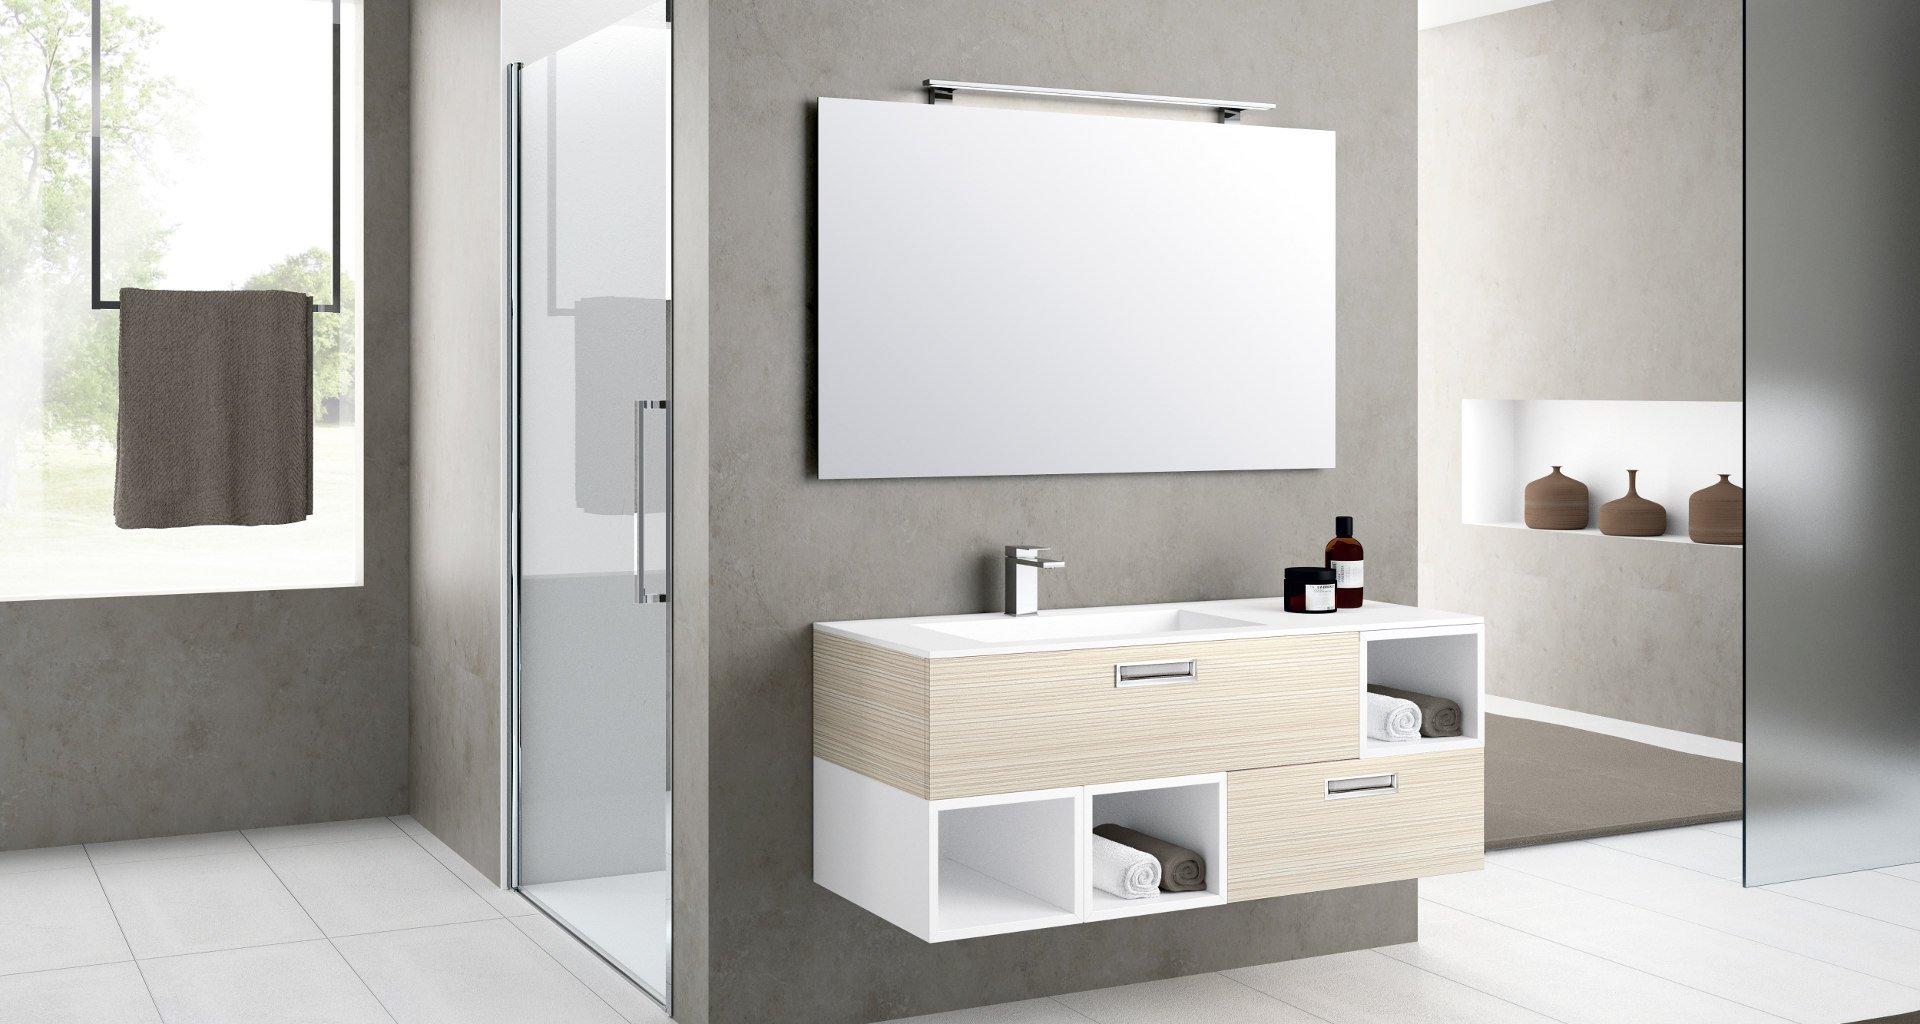 Forniture per i bagni | Voghera, PV | Ceramiche Battegazzore